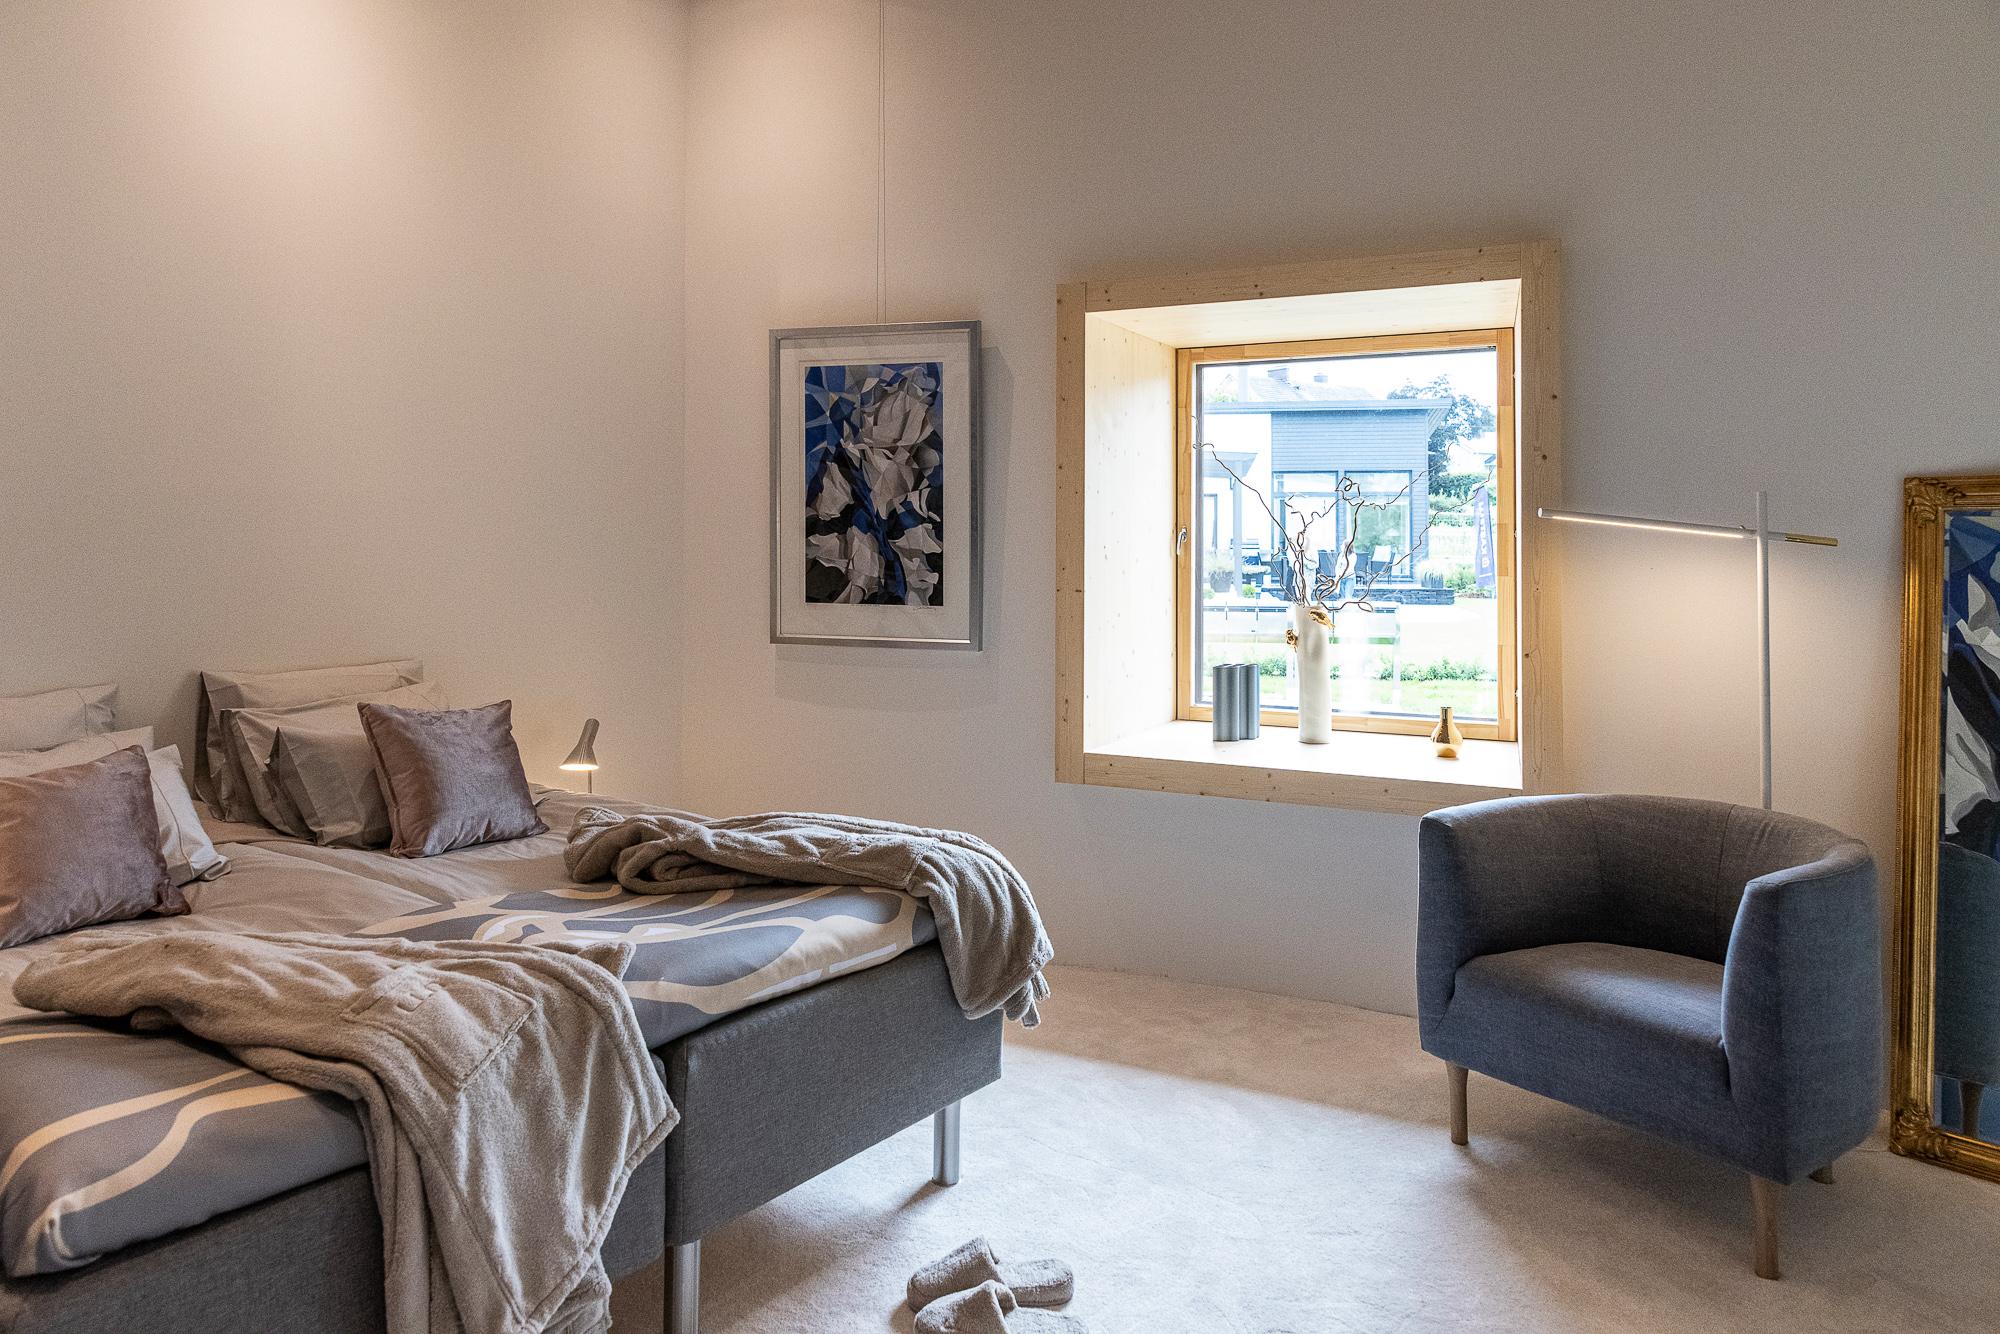 Asuntomessut 2021, asuntomessukohde, Lohjan asuntomessut, Vuoden 2021 Asuntomessut, parhaat asuntomessukohteet, tärpit messuille, valokuvaaja, visualaddict, Frida Steiner, visualaddictfrida, sisustus, sisustusinspiraatio, sisustaminen, keittiö, makuuhuone, olohuone, Pyörre, pyöreä talo